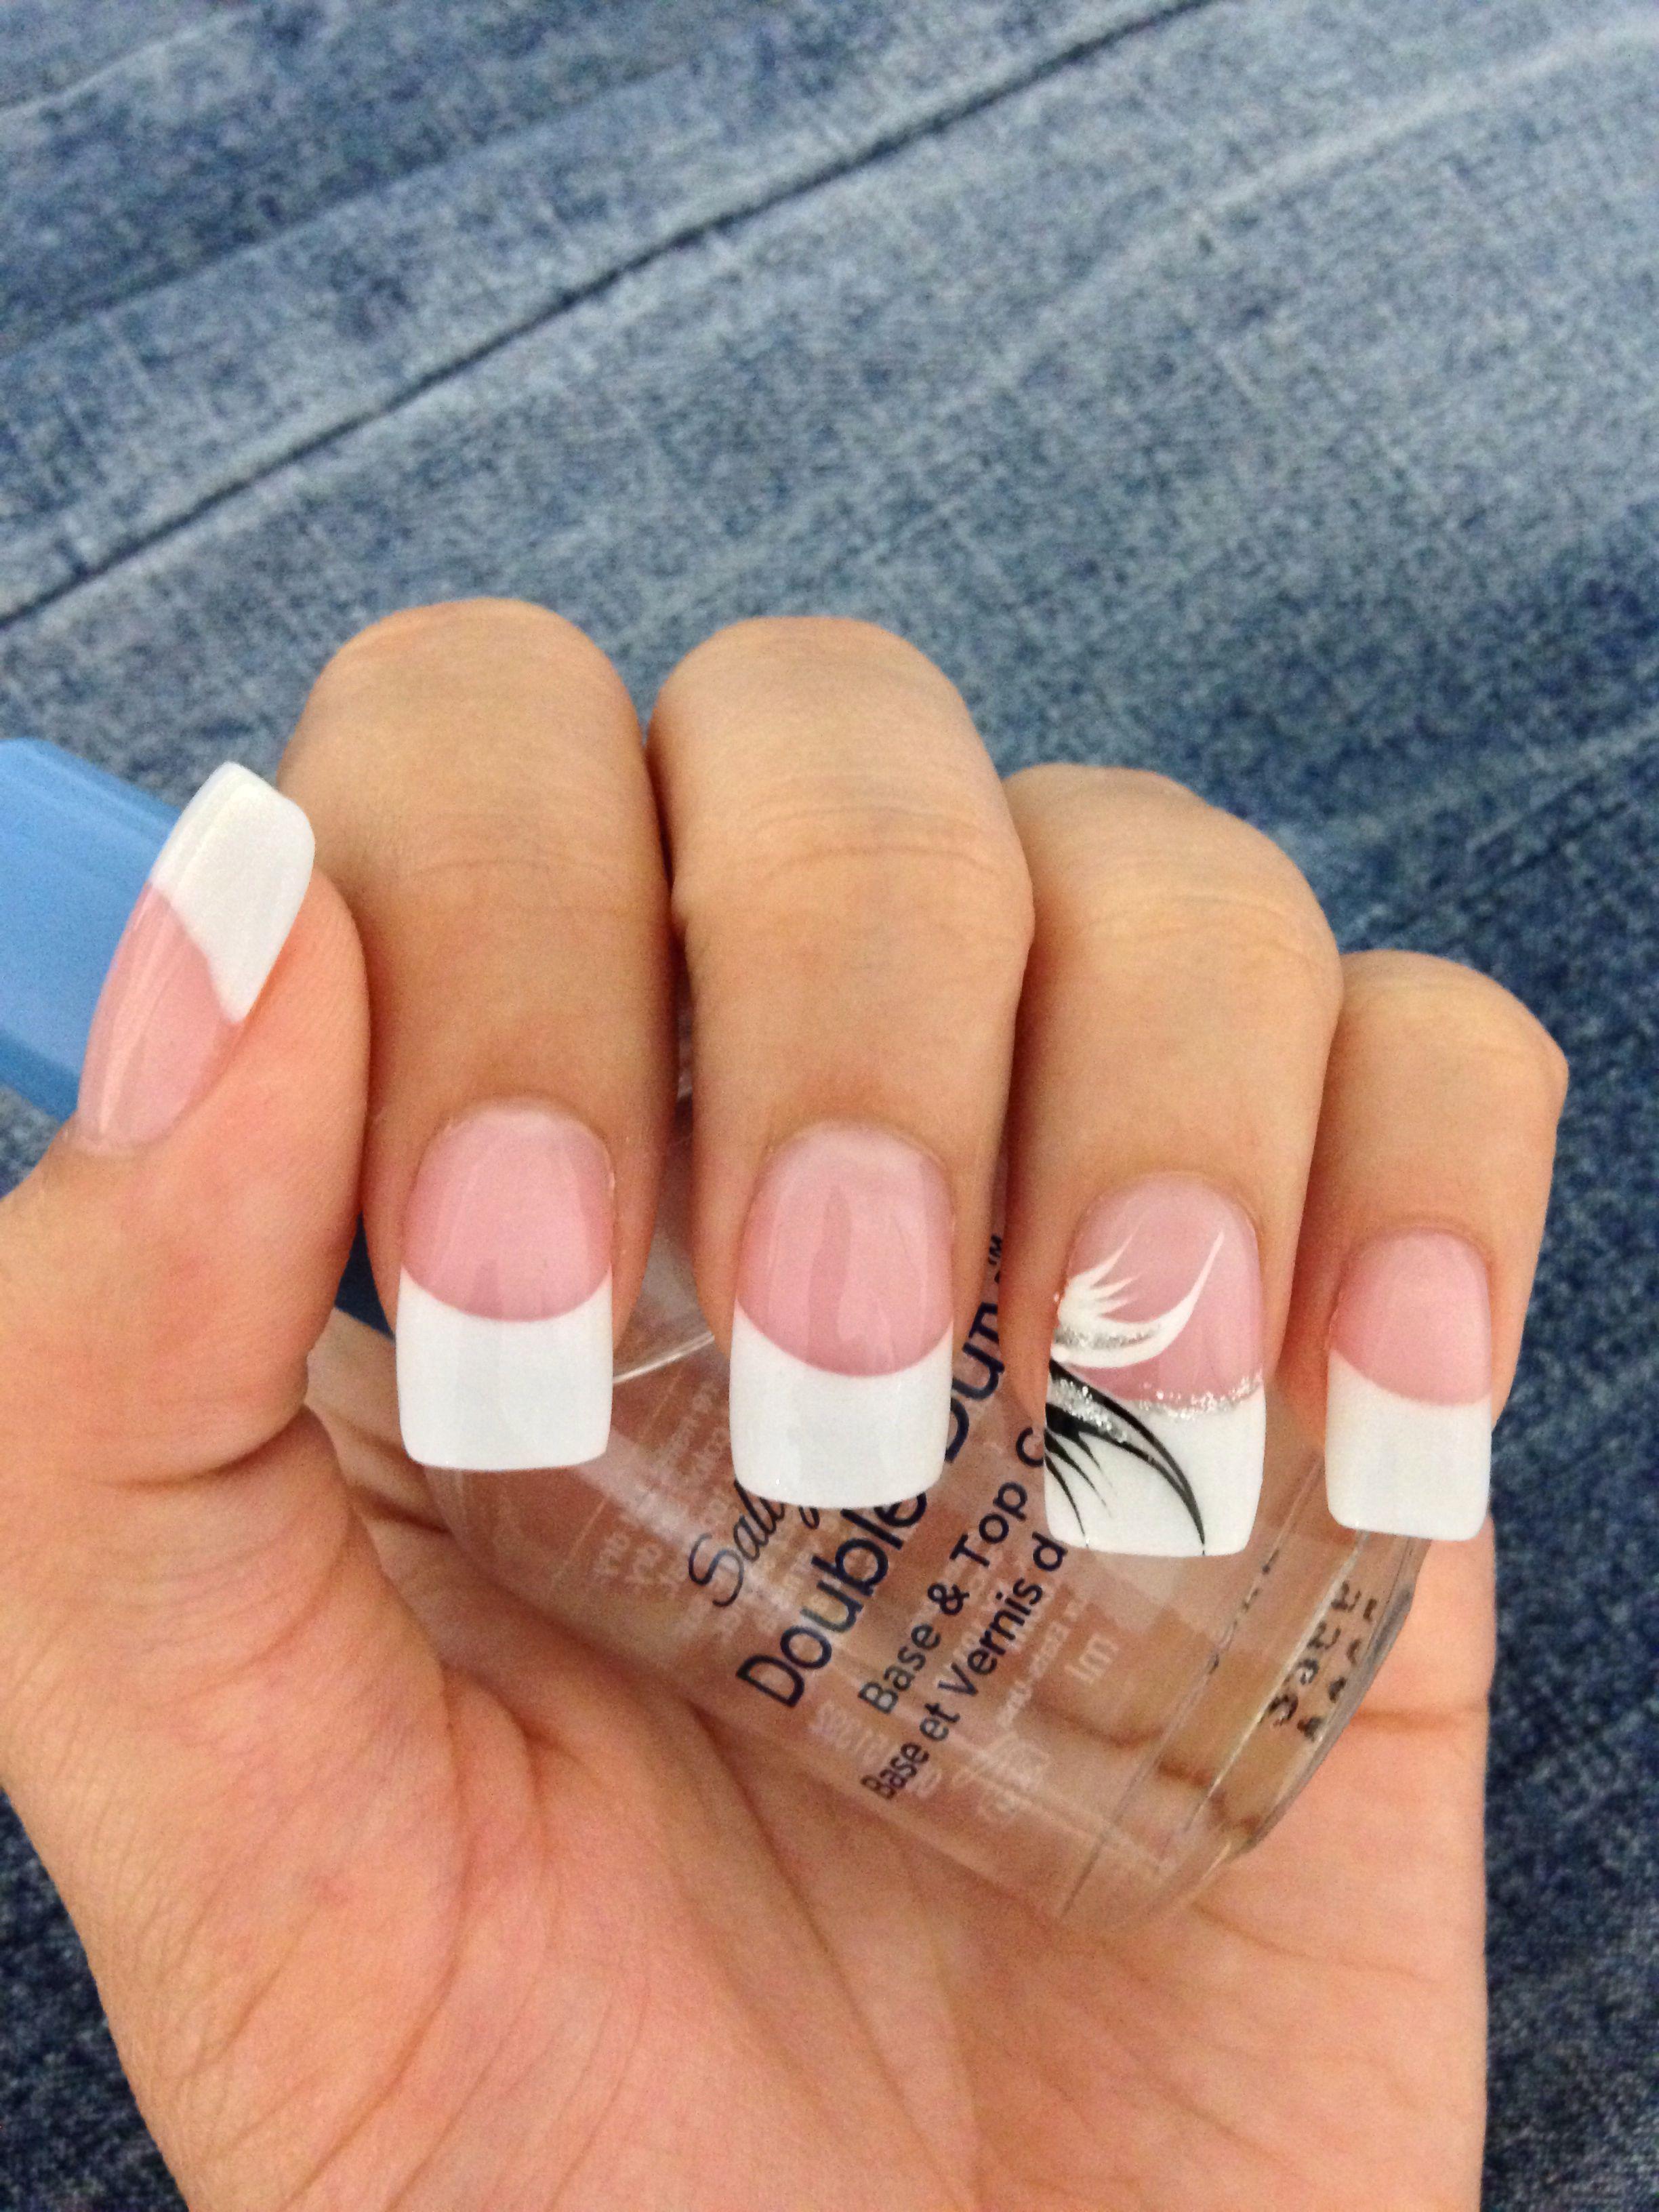 White tip acrylic nails #beautiful #nails | Nails, nails and more ...